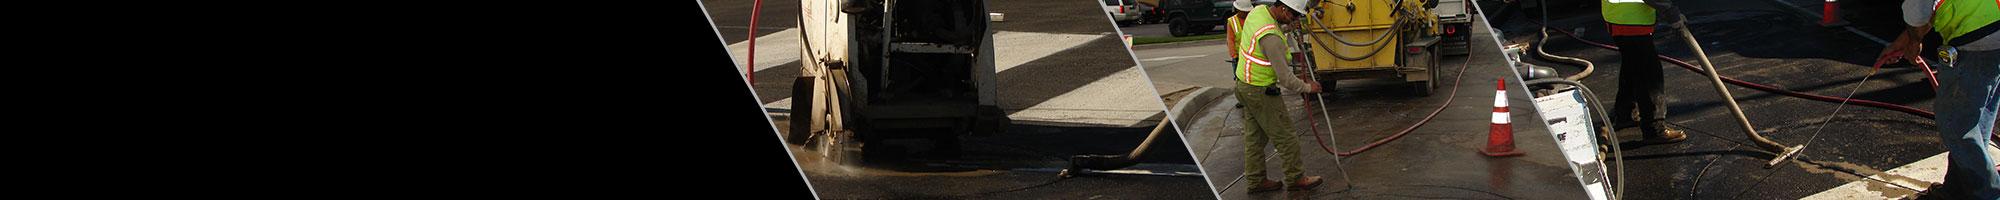 Installation of Traffic Loop Detector System